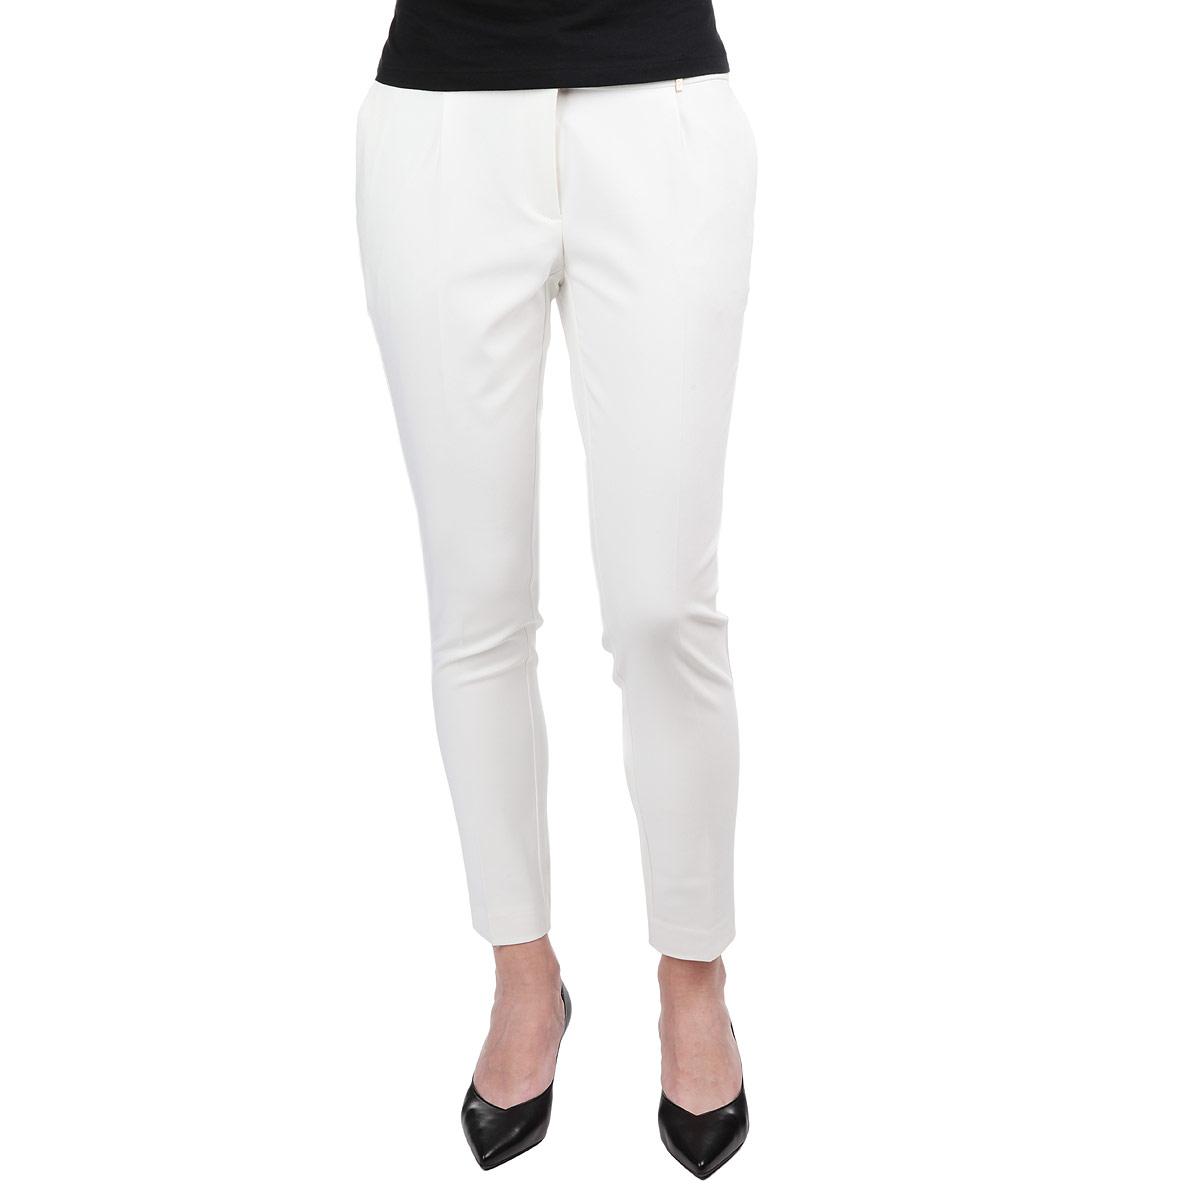 Брюки женские. SSP1907SSP1907BIСтильные женские брюки Top Secret, выполненные из материала высочайшего качества, отлично подойдут на каждый день. Модель стандартной посадки и зауженного книзу кроя застегивается на ширинку на застежке-молнии, а также 2 крючка и пуговицу на поясе. Брюки оформлены имитацией карманов сзади и двумя декоративными застежками-молниями спереди. Спереди брюки дополнены двумя втачными карманами. В комплект входит широкий текстильный пояс в тон брюкам. Эти модные и в тоже время комфортные брюки послужат отличным дополнением к вашему гардеробу. В них вы всегда будете чувствовать себя уютно и уверенно.